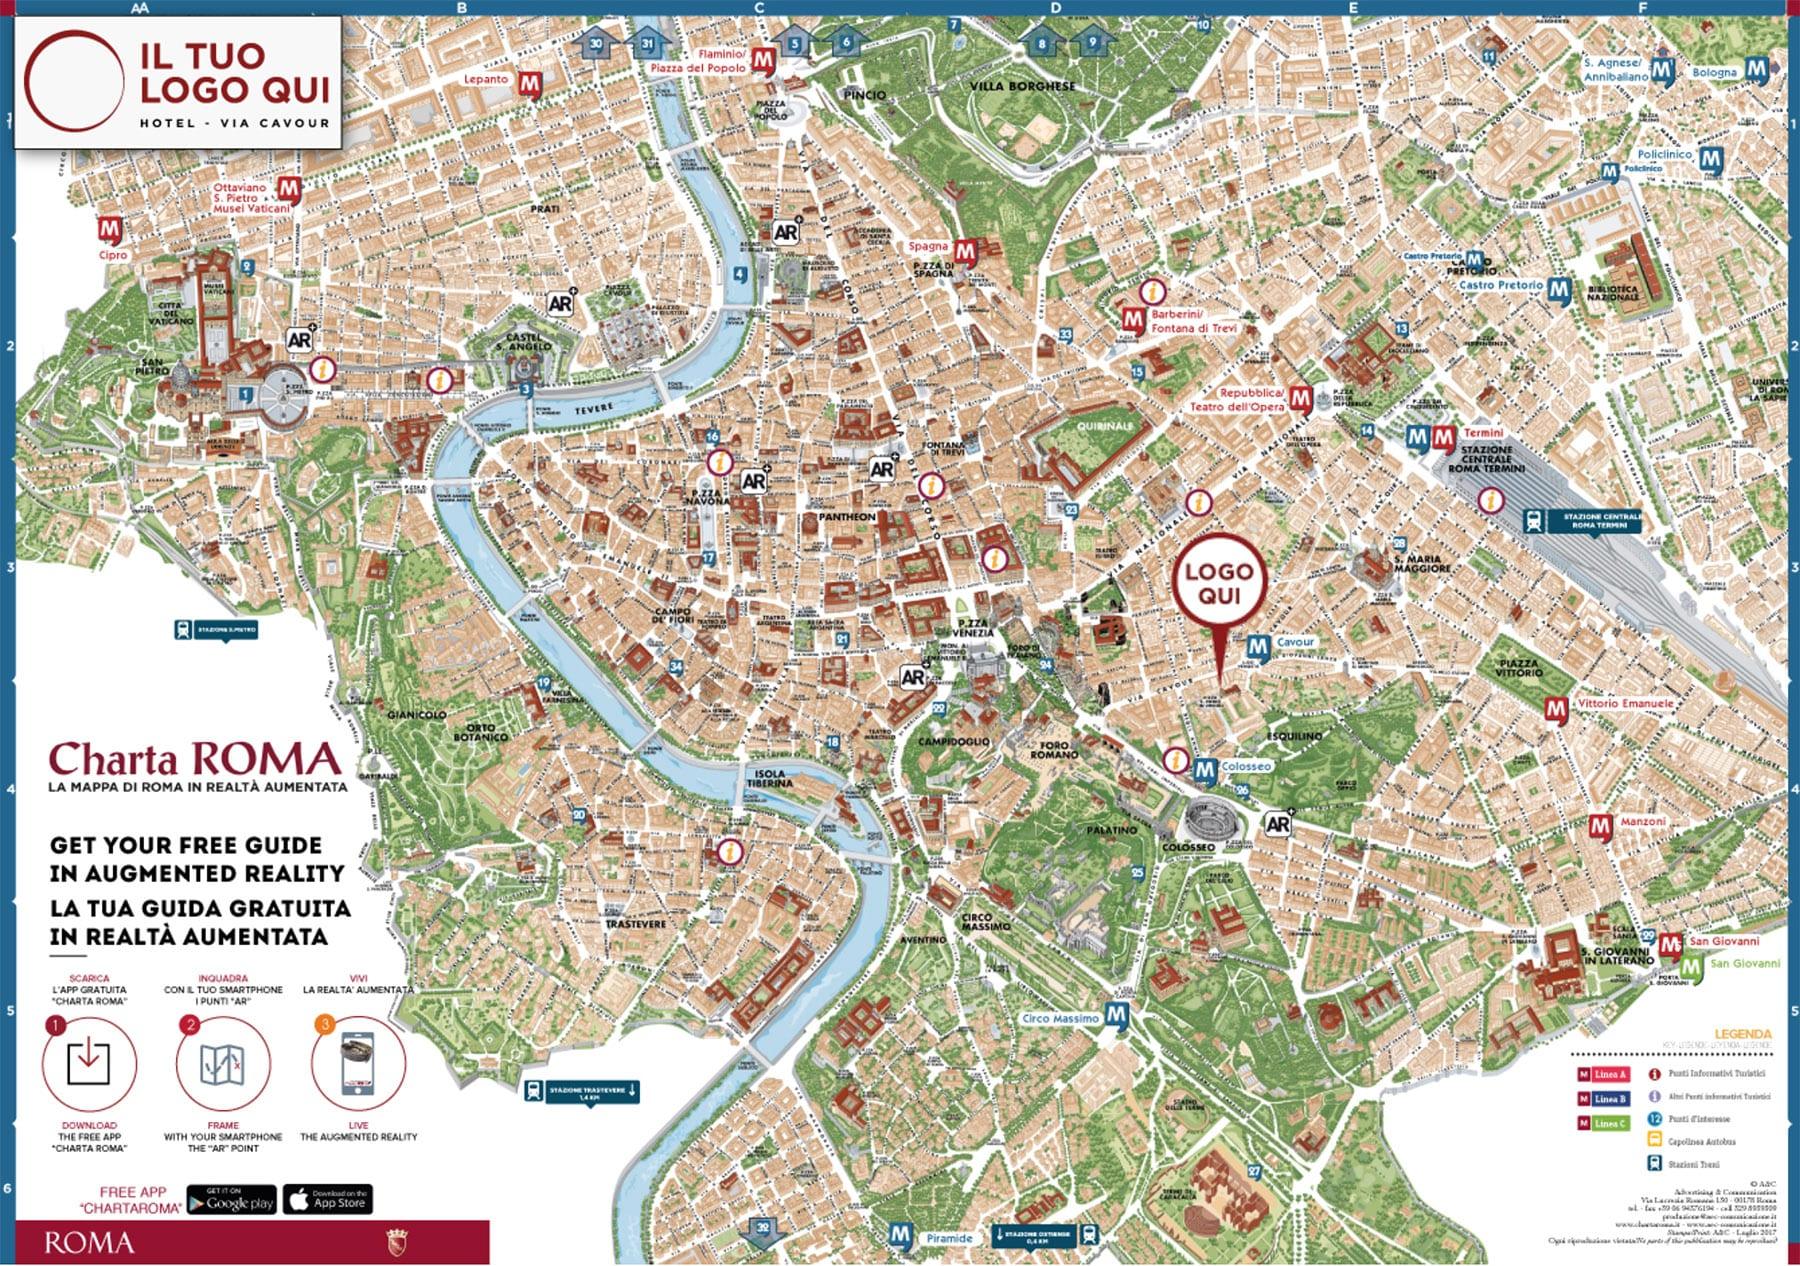 Charta Roma - Mappa personalizzata di Roma per operatori turistici